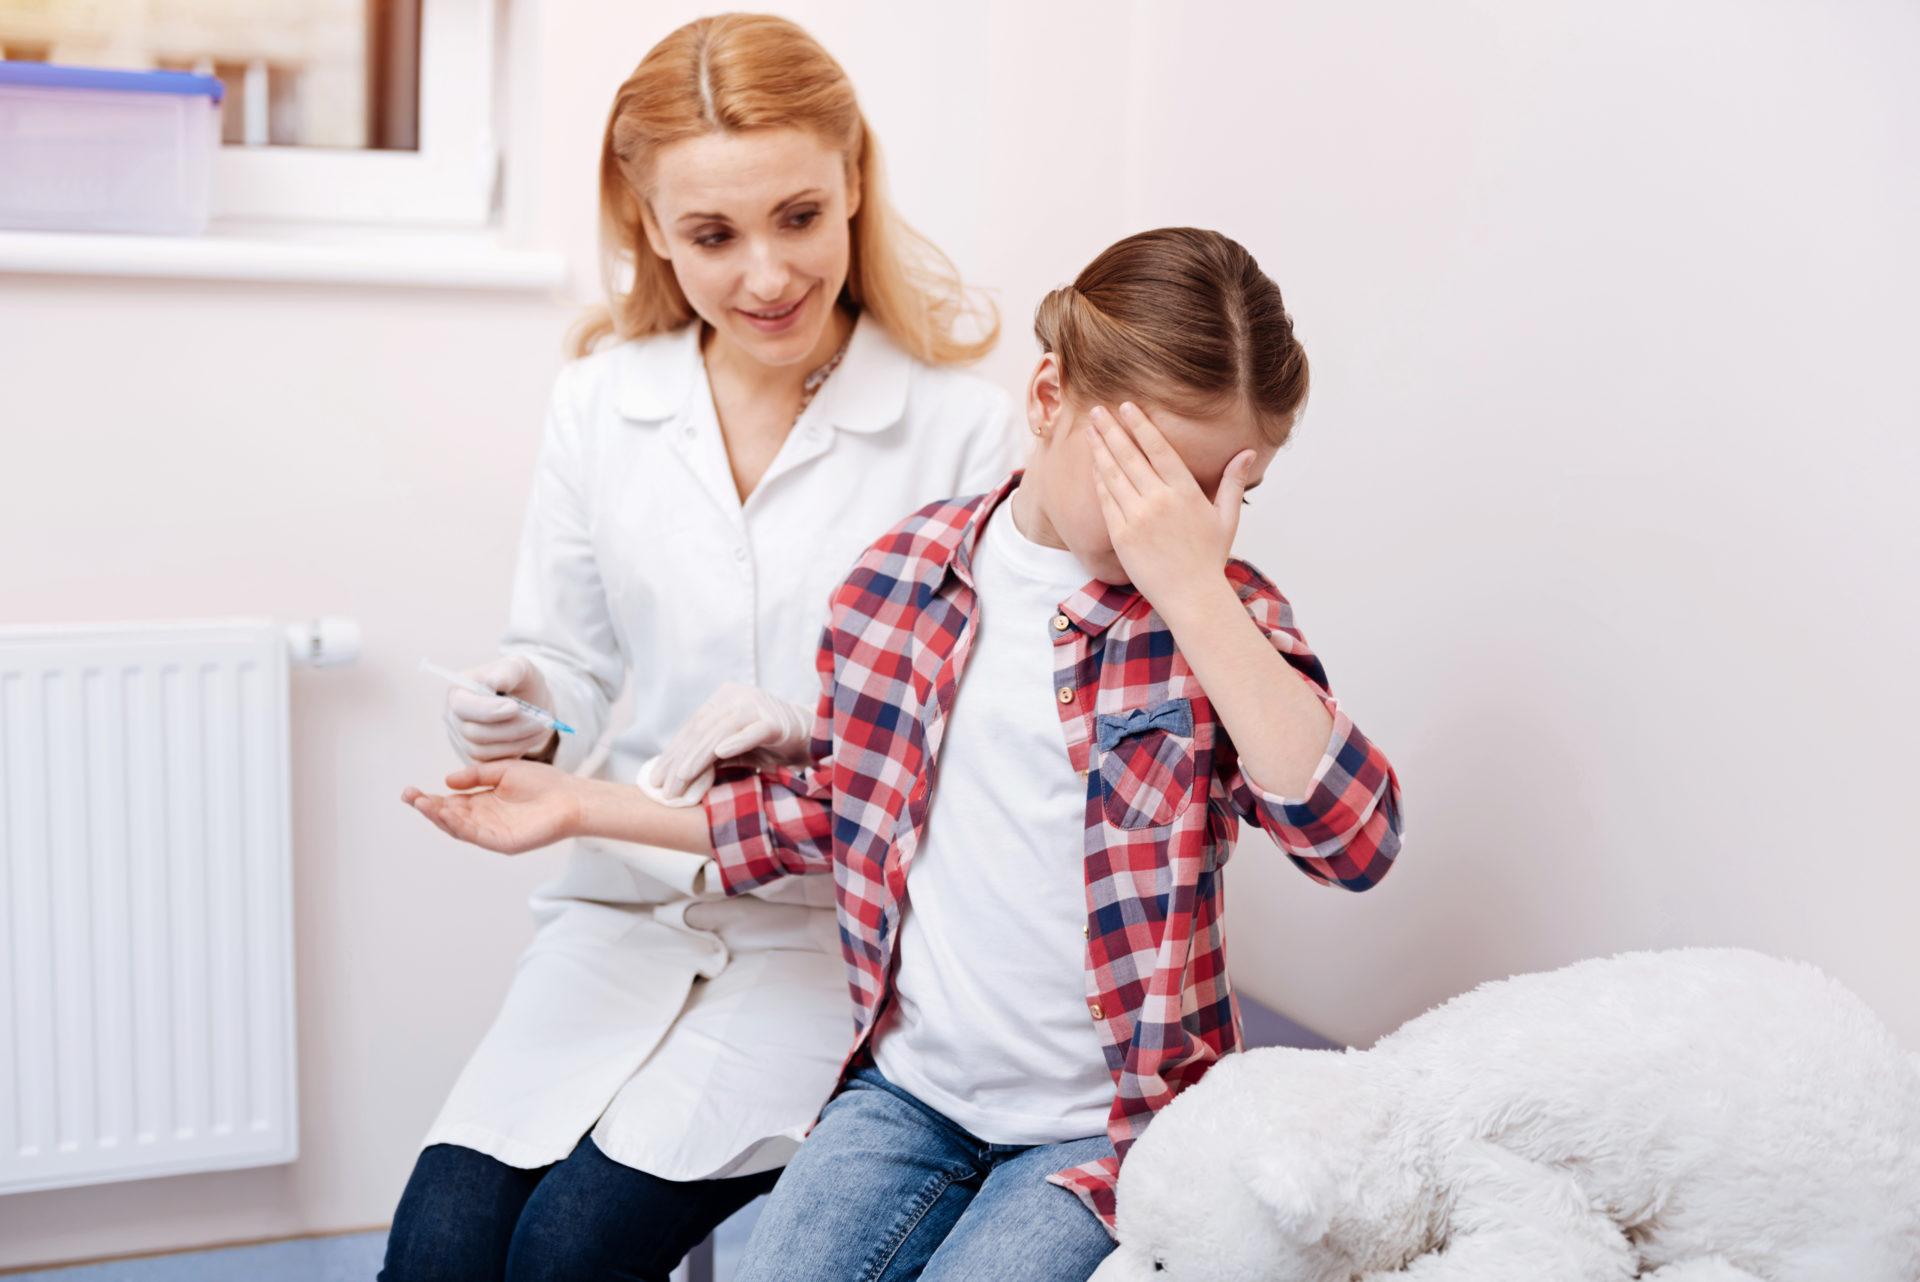 Przestraszona dziewczynka zasłania twarz podczas szczepienia